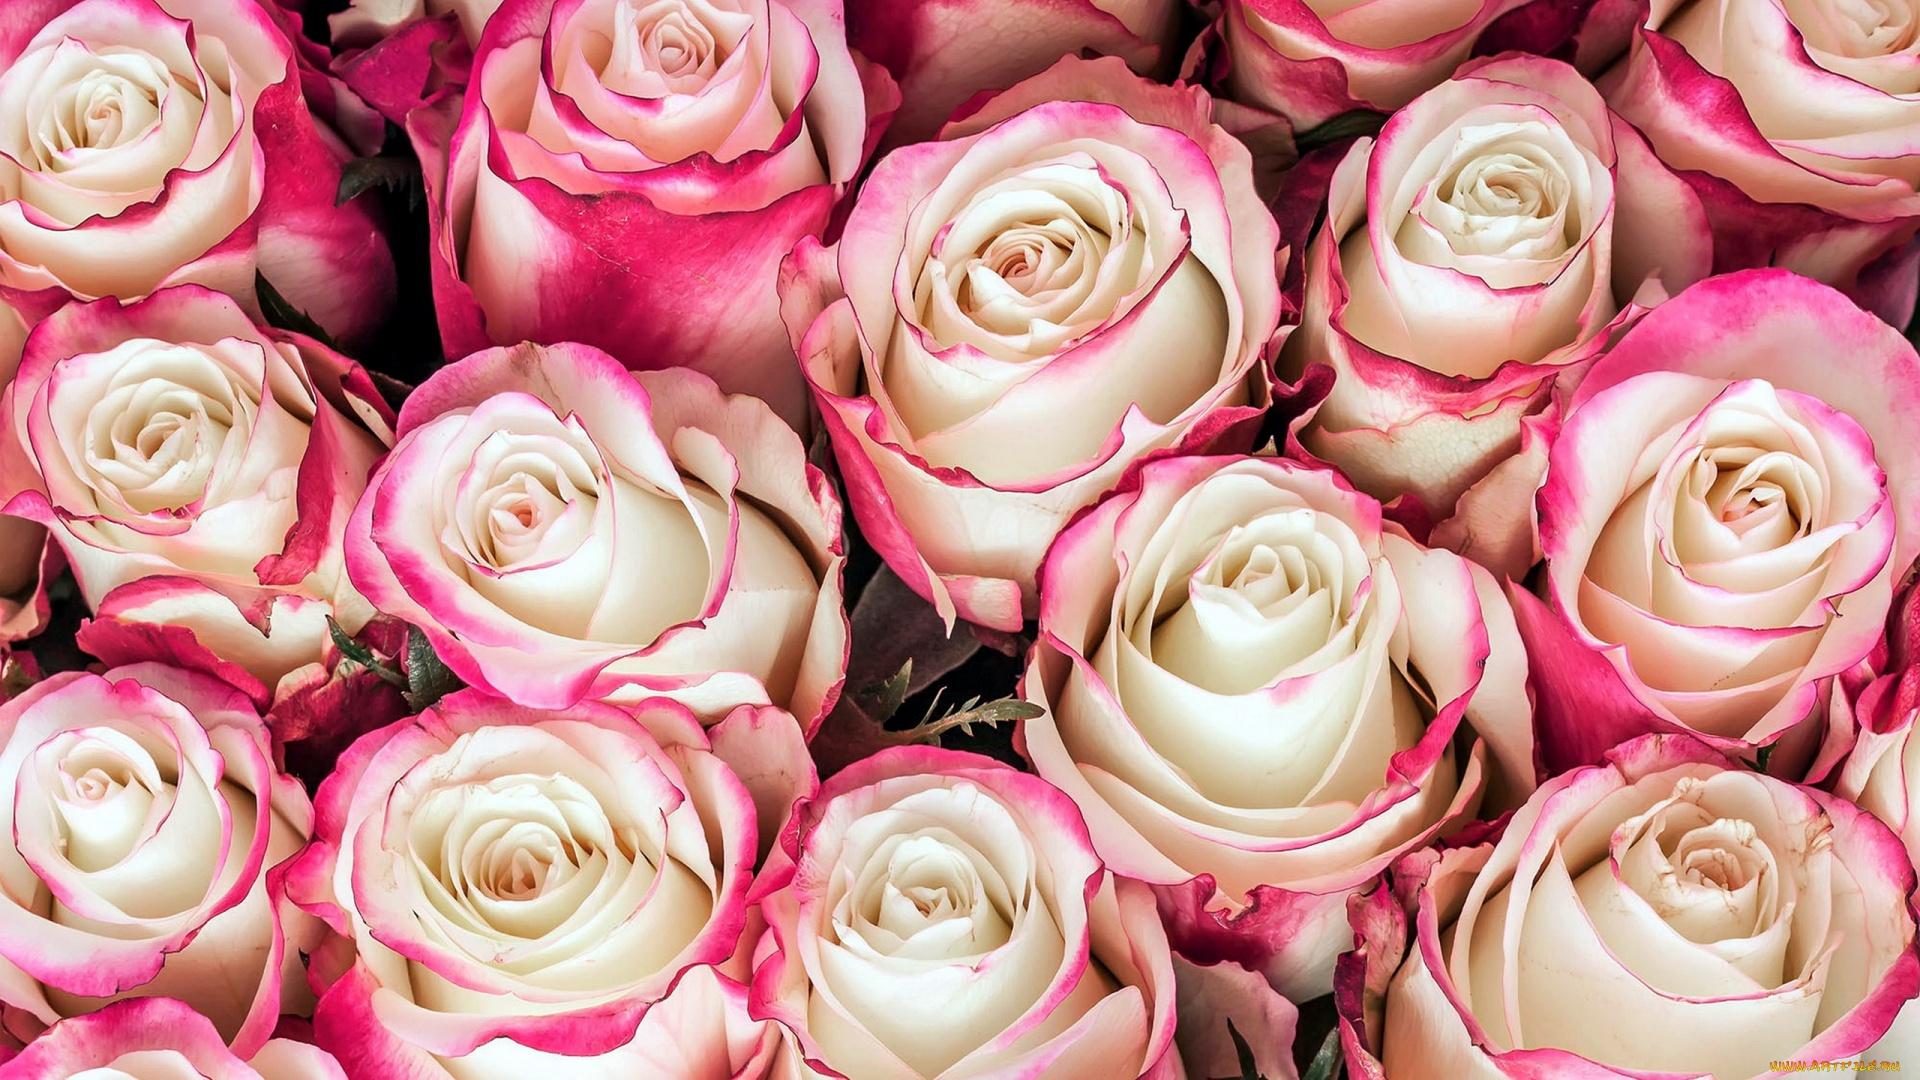 картинки на телефон большие розы только формы материалов